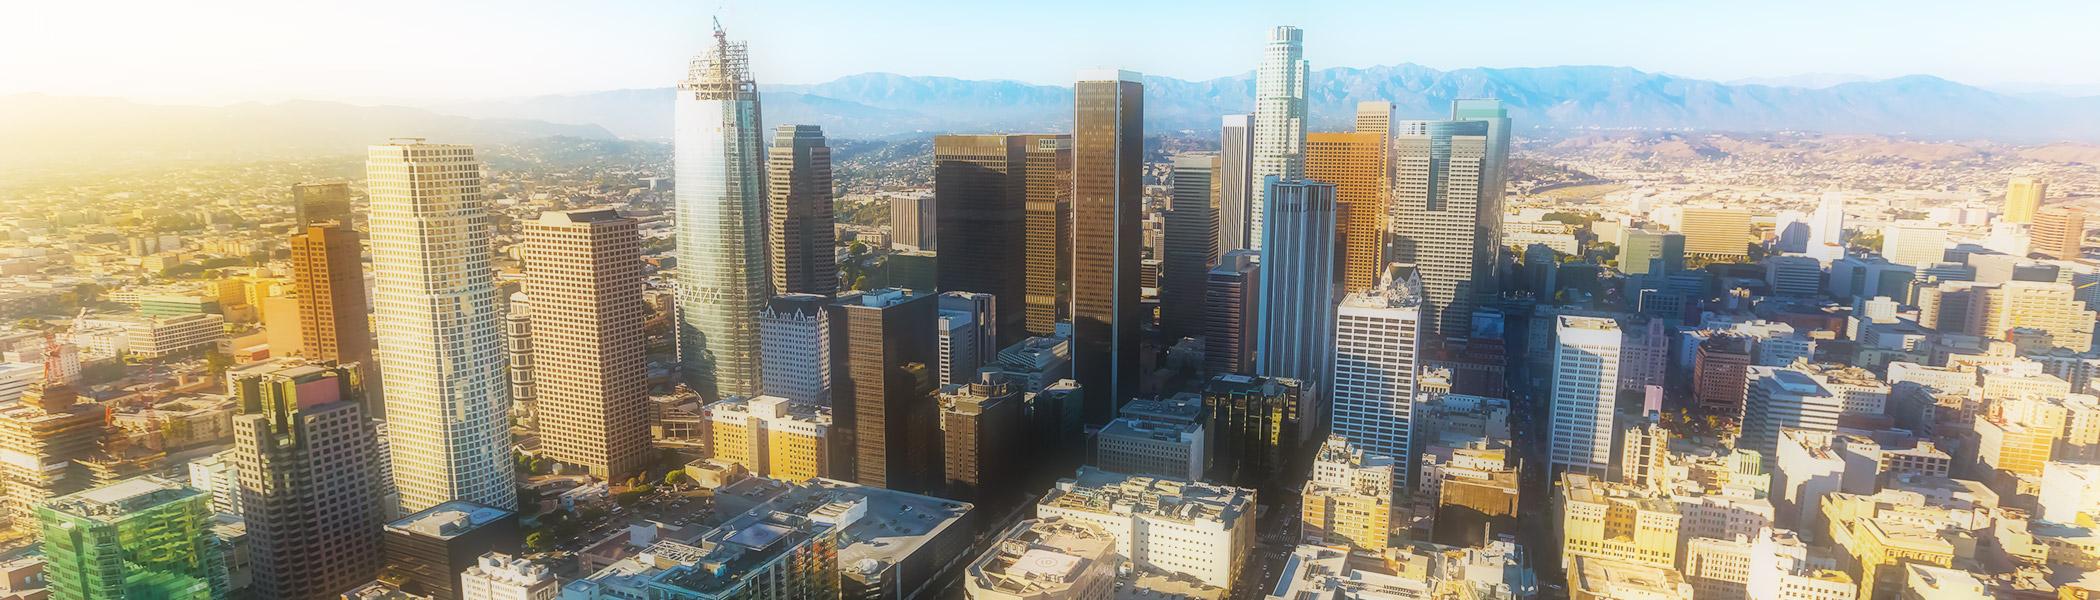 Los Angeles Building